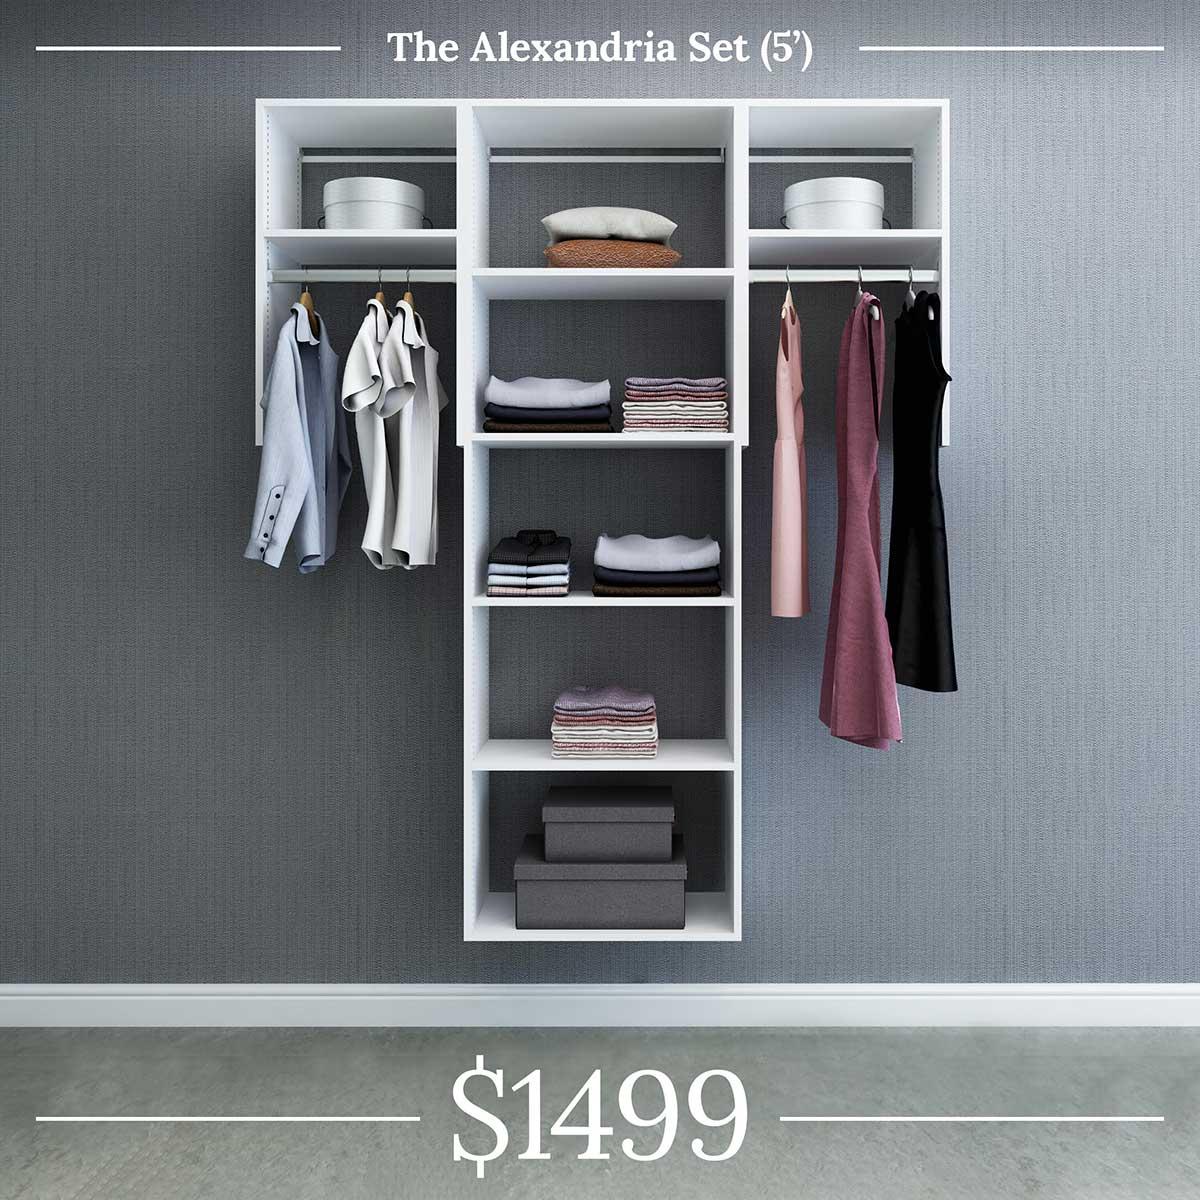 The Alexandria